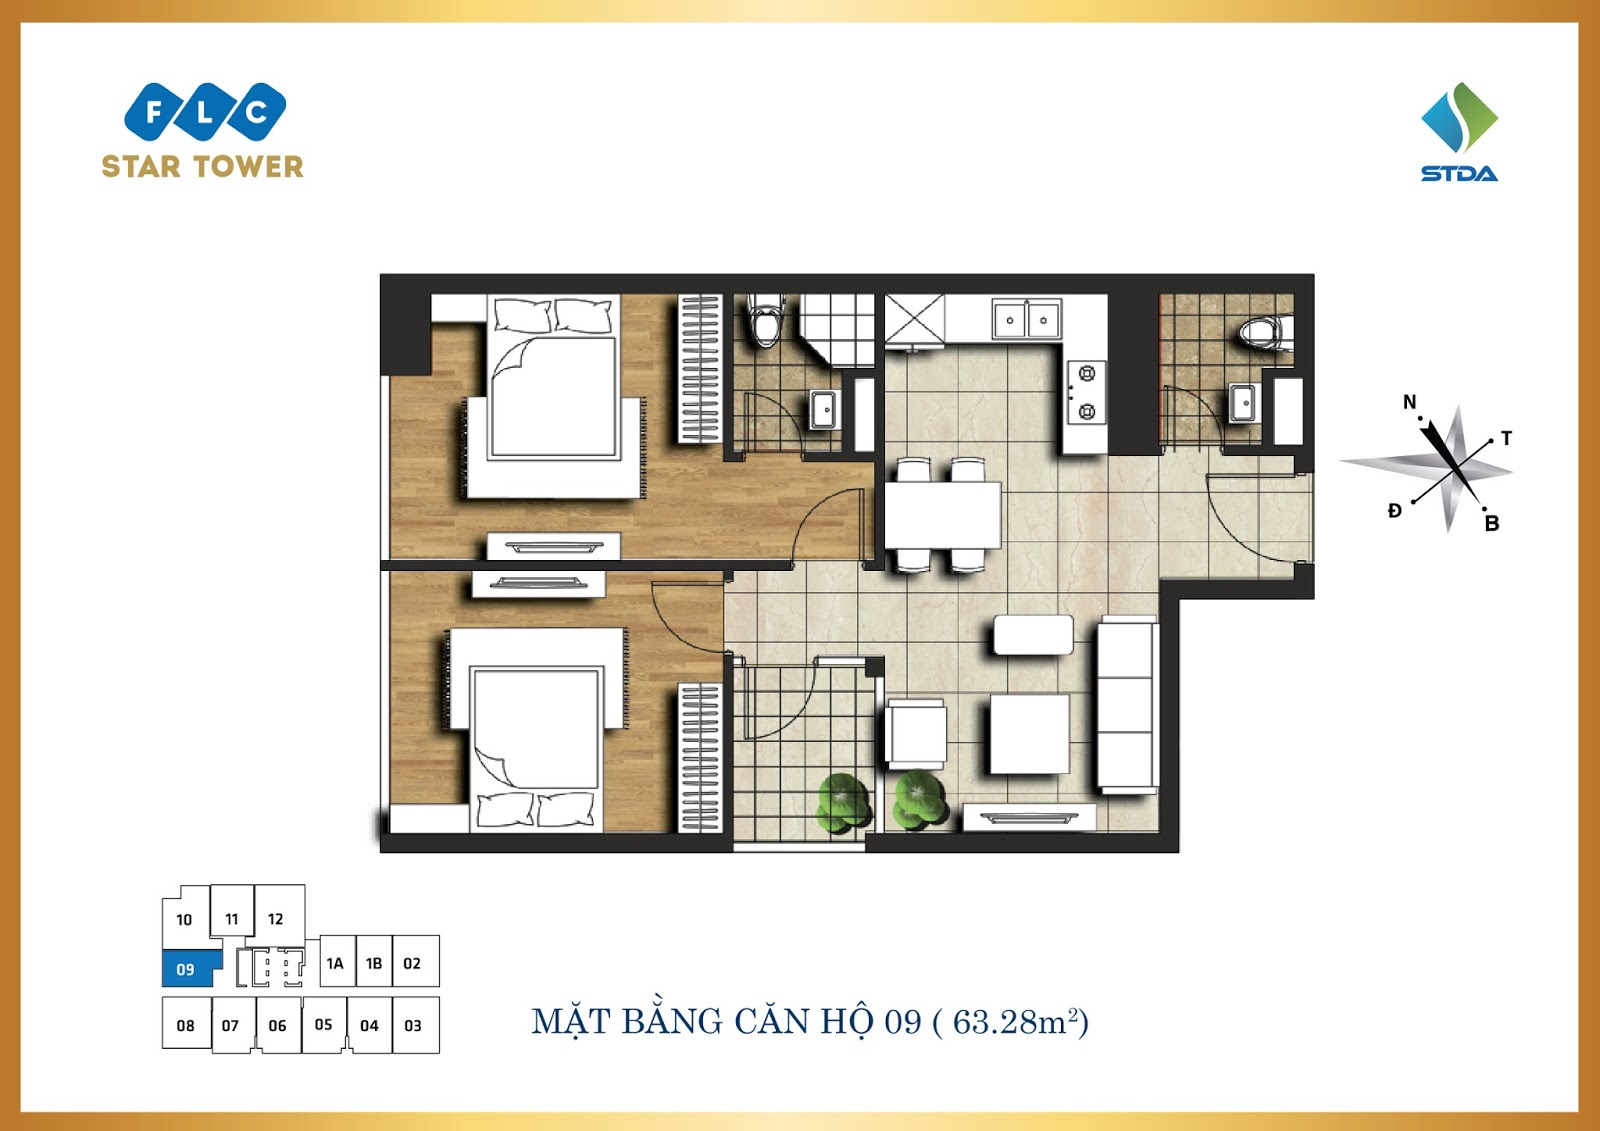 Thiết kế căn hộ số 9 - Chung cư FLC Star Tower